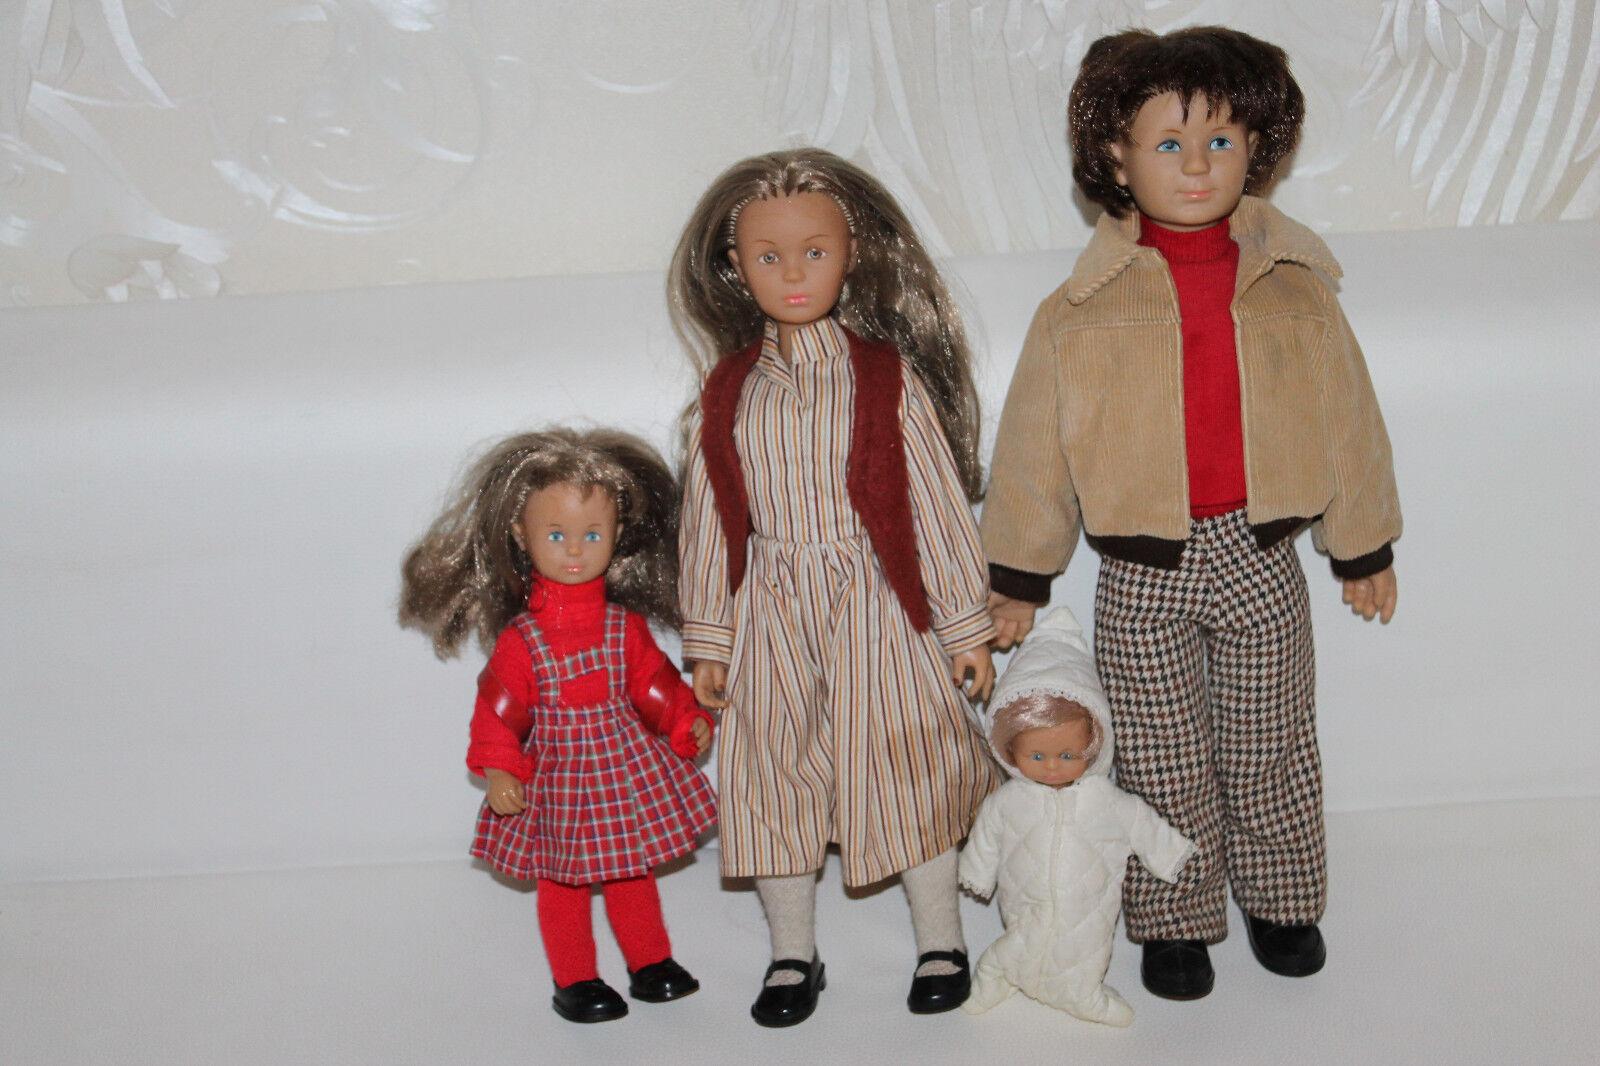 Familie Puppe Baby 70-er 70-er 70-er Jahre Alt Vintage bewegliche hand & fußgelenken RAR b851ae